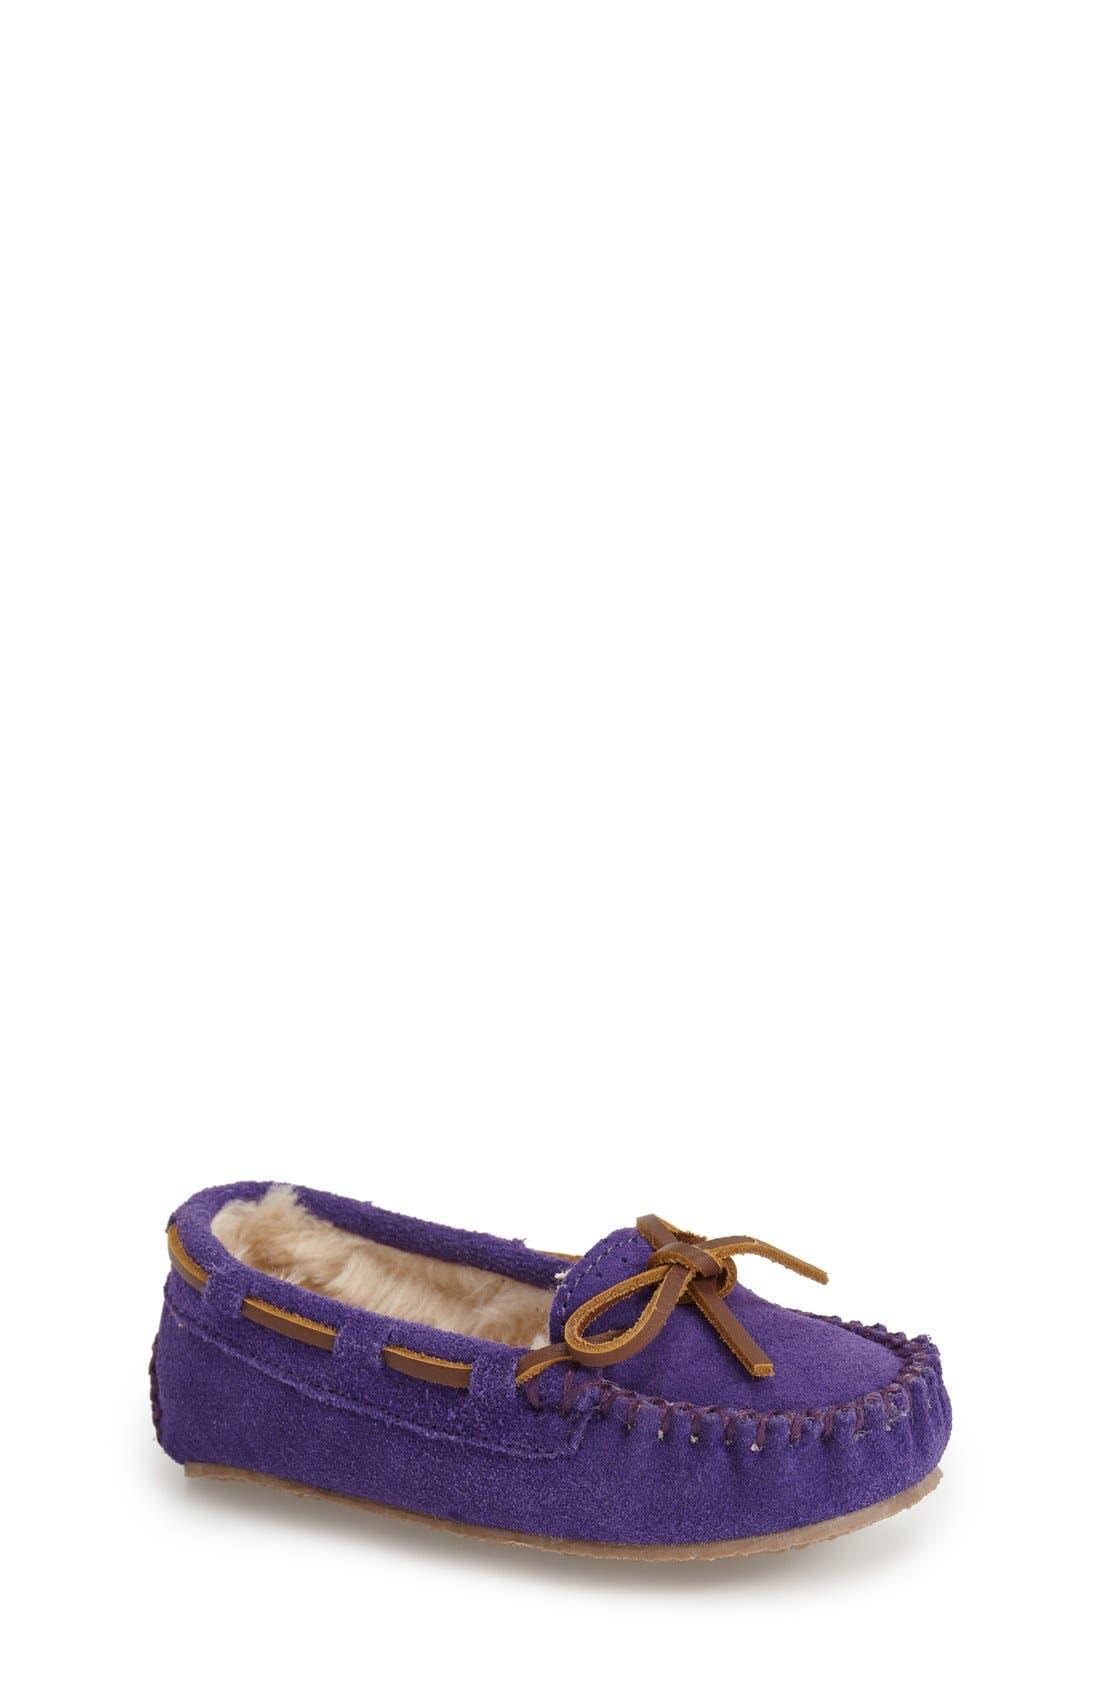 Kiltie Moccasin,                             Main thumbnail 1, color,                             Purple